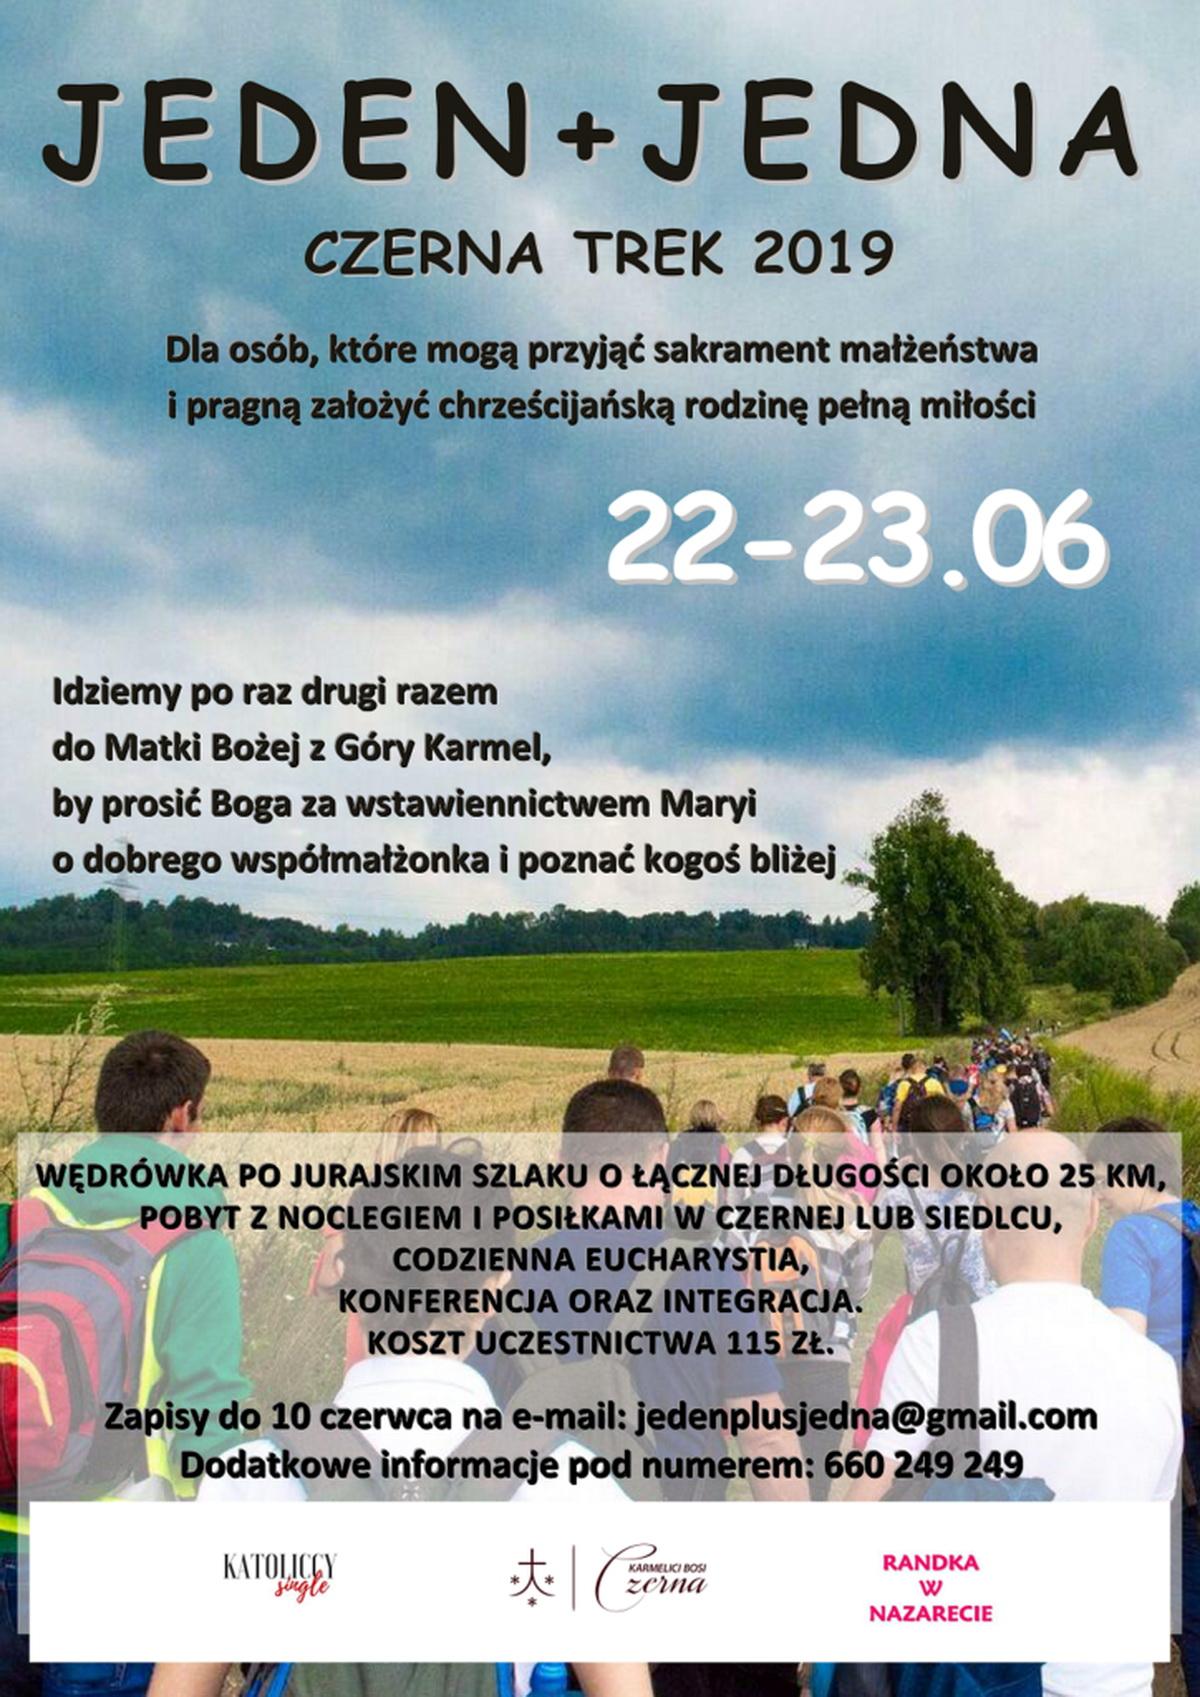 Czerna-Trek-2019-724x1024